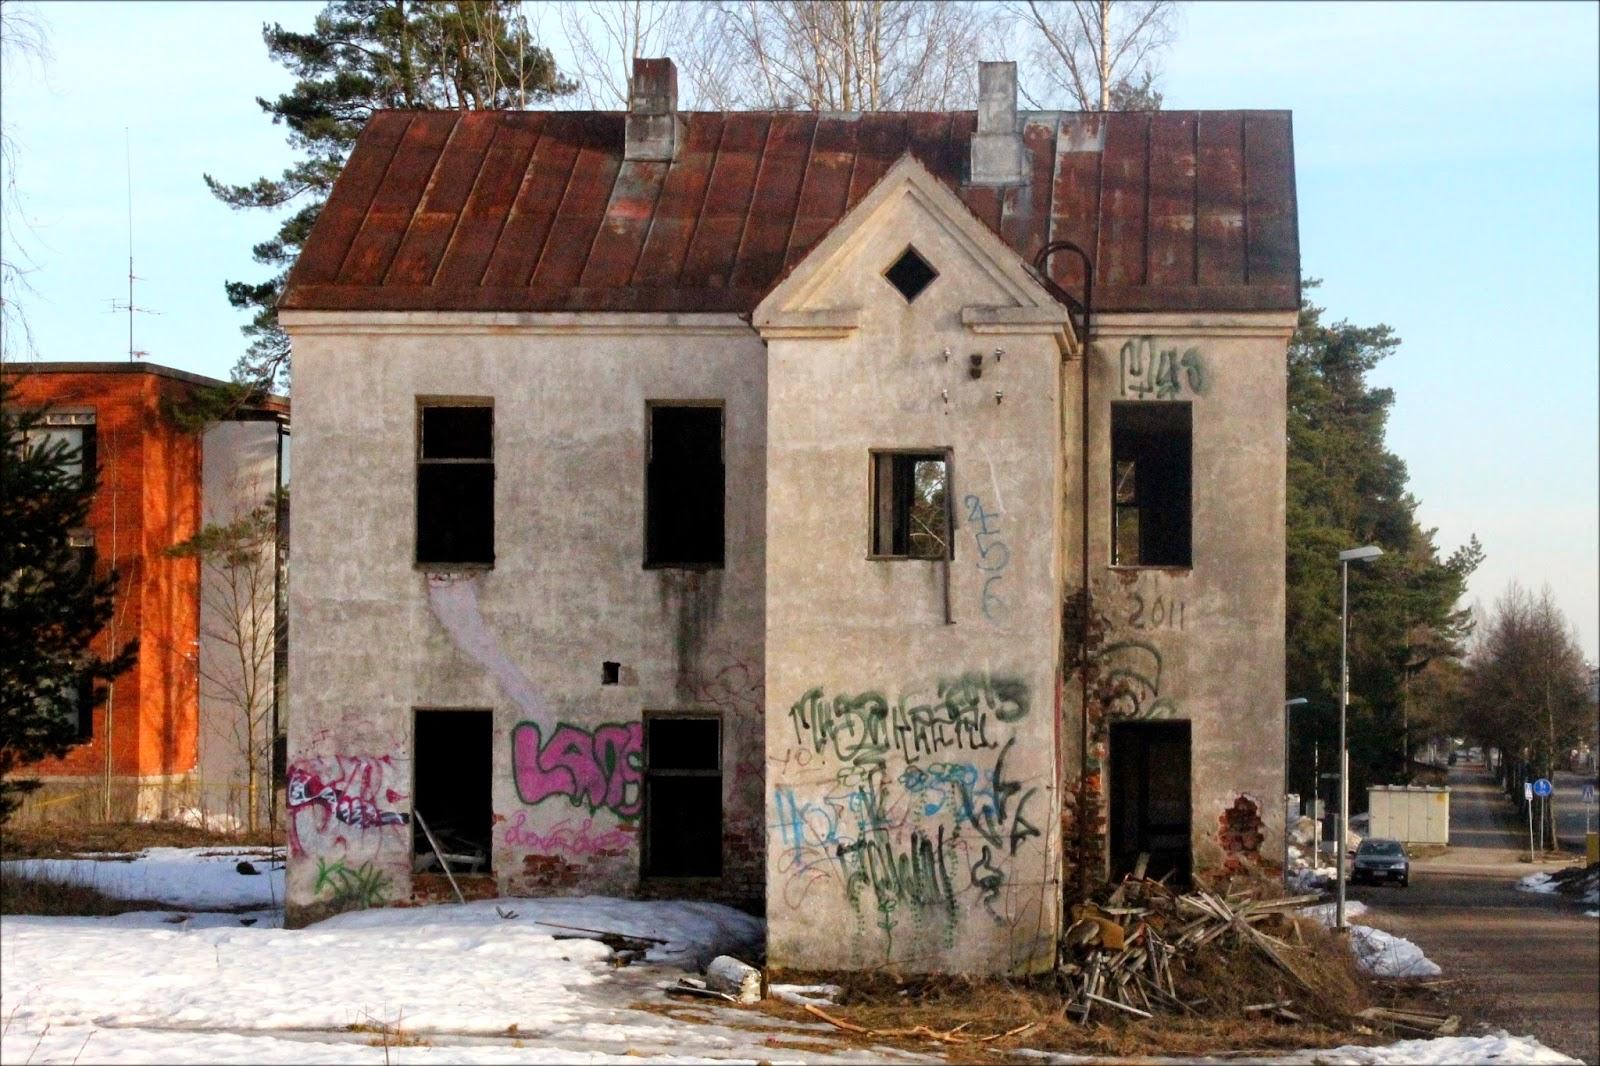 Malmin talo